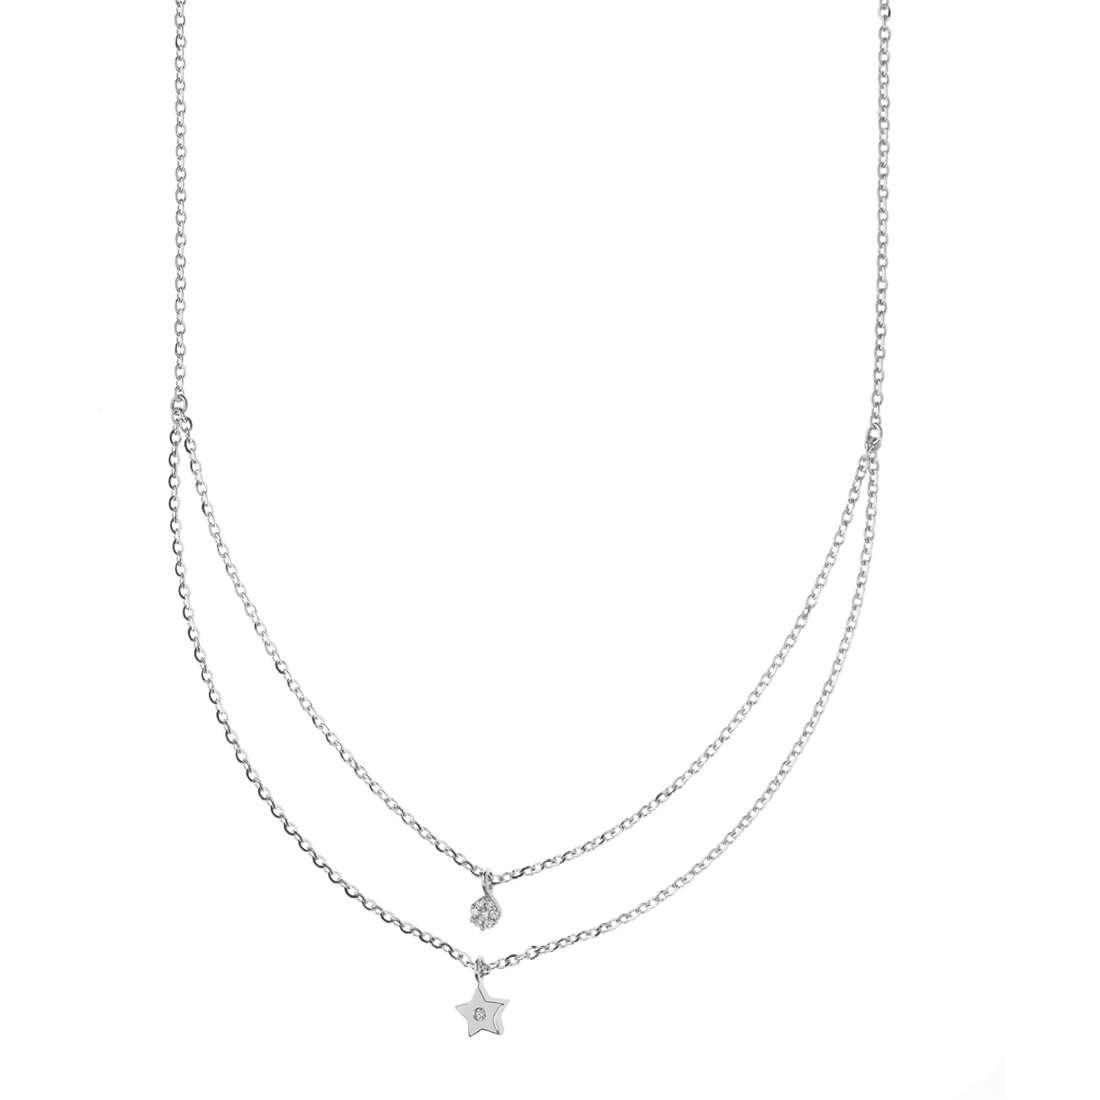 collana donna gioielli Comete Fantasie di diamanti GLB 1325